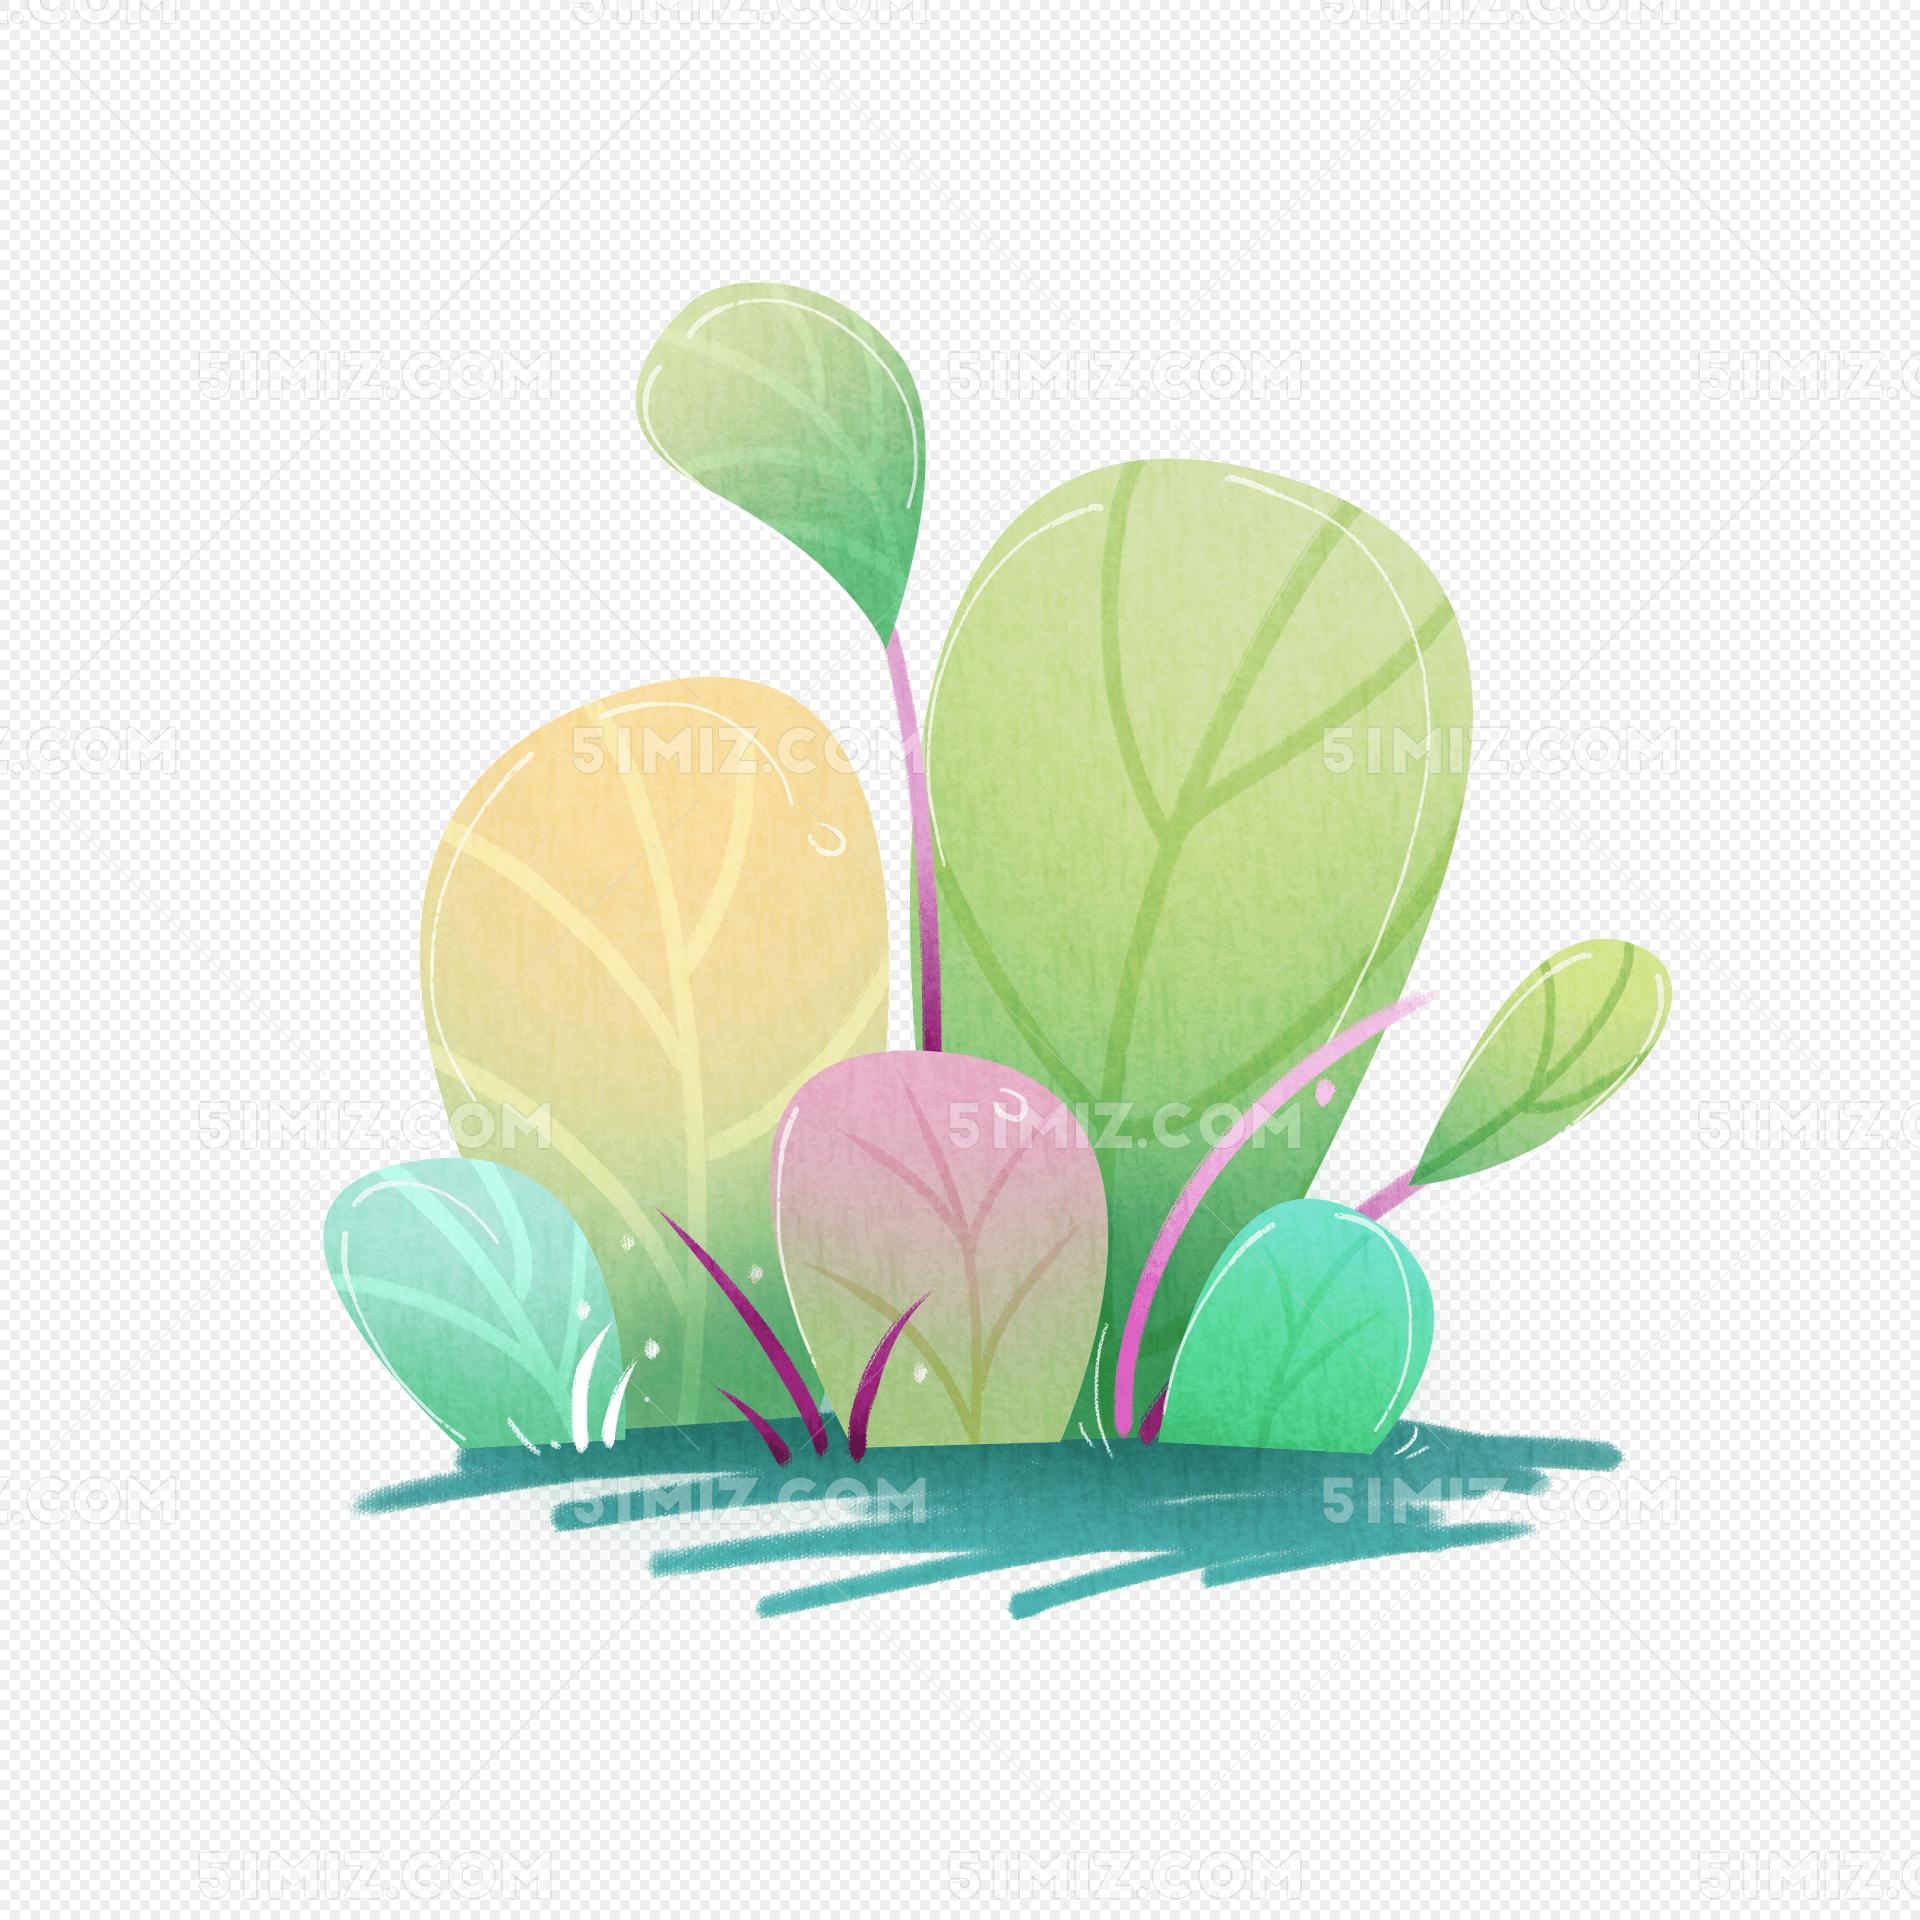 手绘简约扁平风植物叶子免费下载_png素材_觅知网